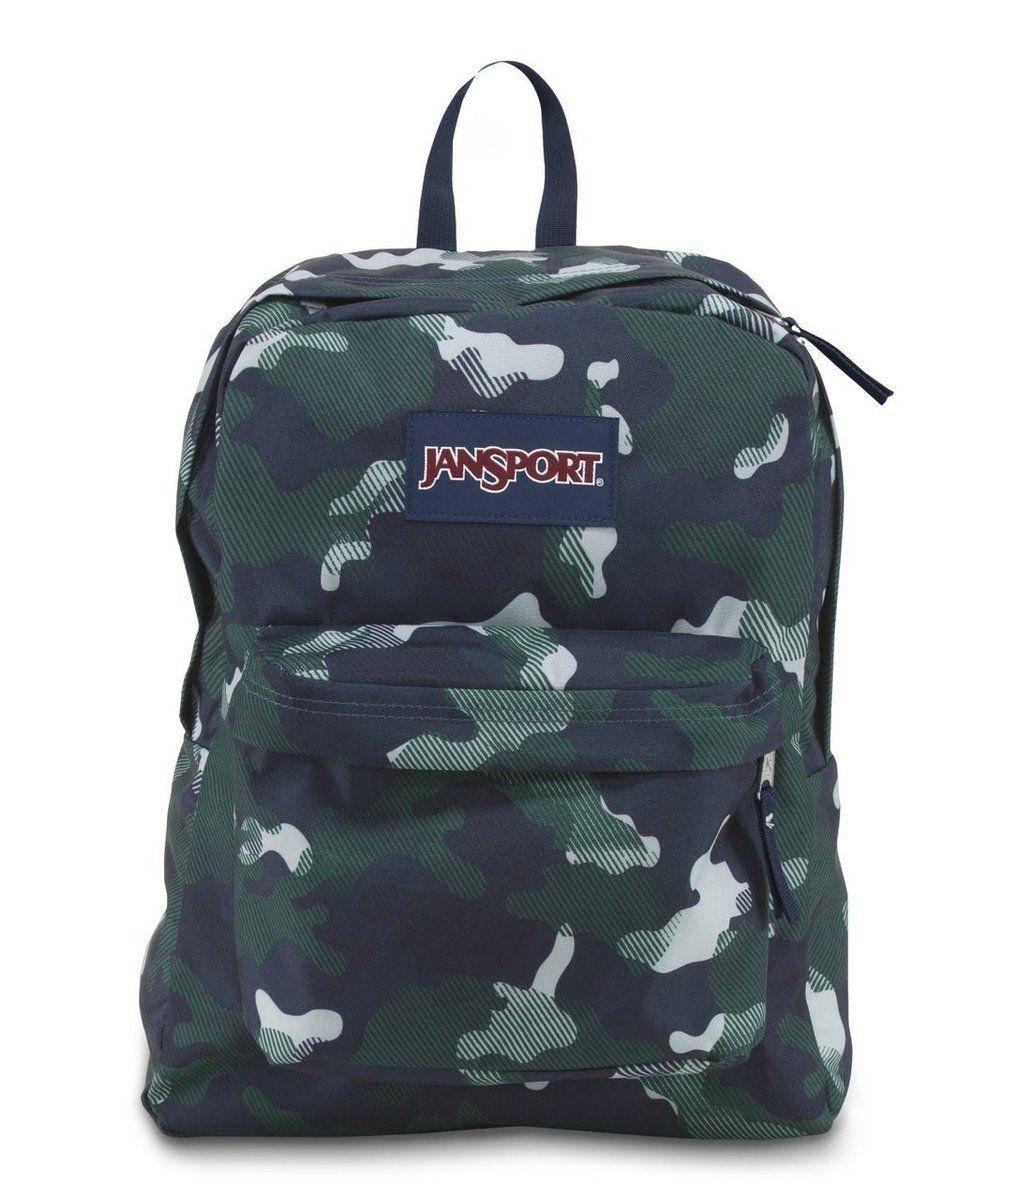 JANSPORT SUPERBREAK BACKPACK SCHOOL BAG - Navy Streaky Camo ...